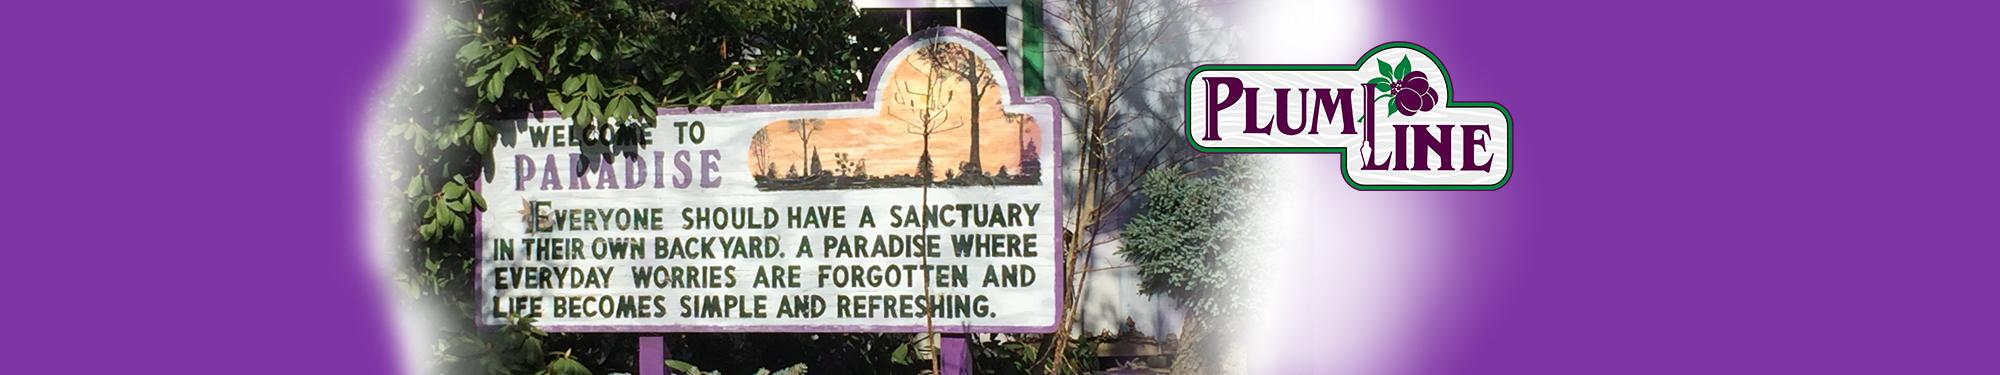 Plumline Nursery sign